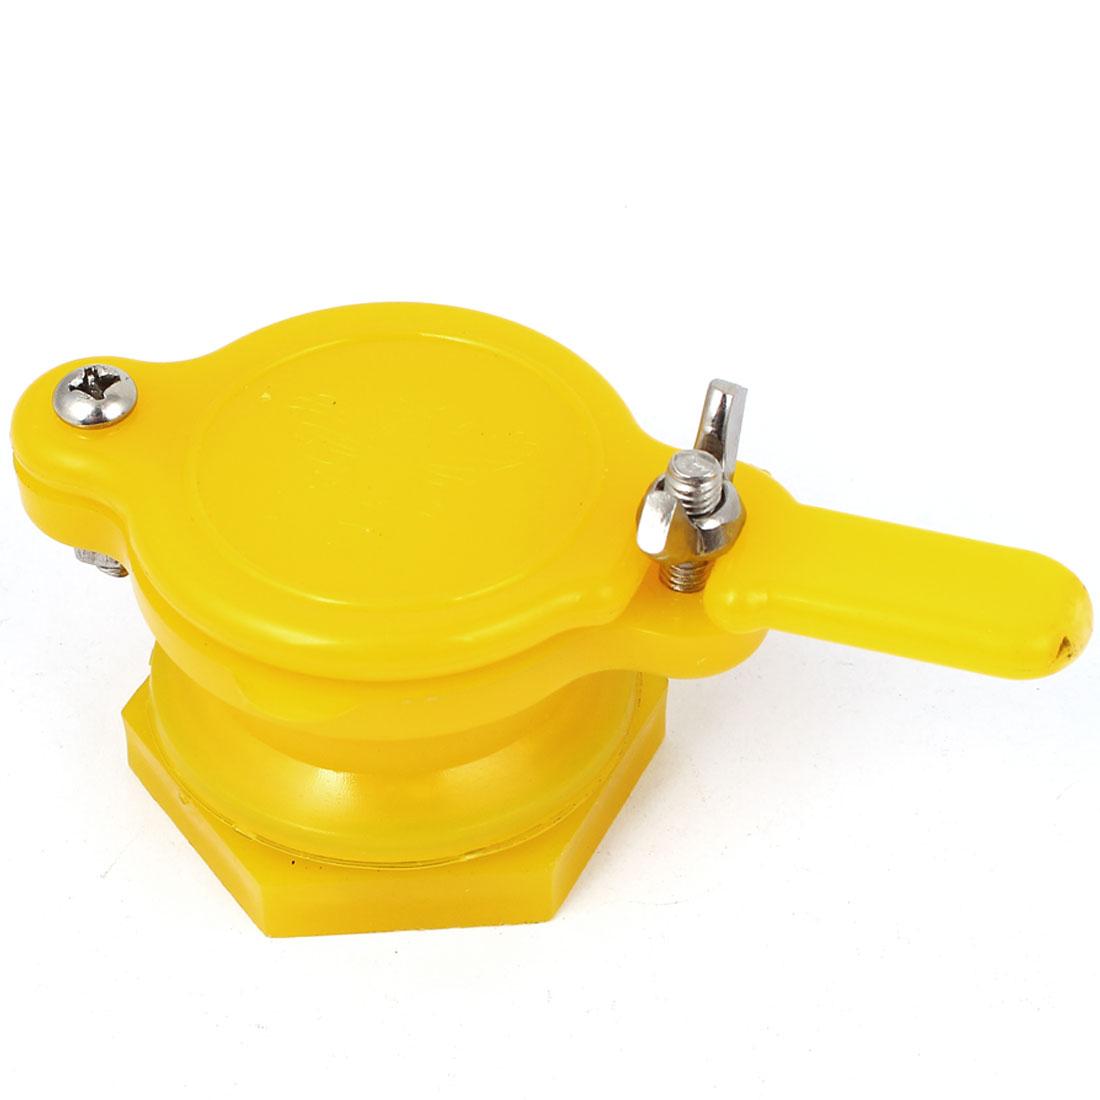 40mm Dia. Plastic Honey Shake Machine Gate Valve Beekeeping Bottling Tool Yellow